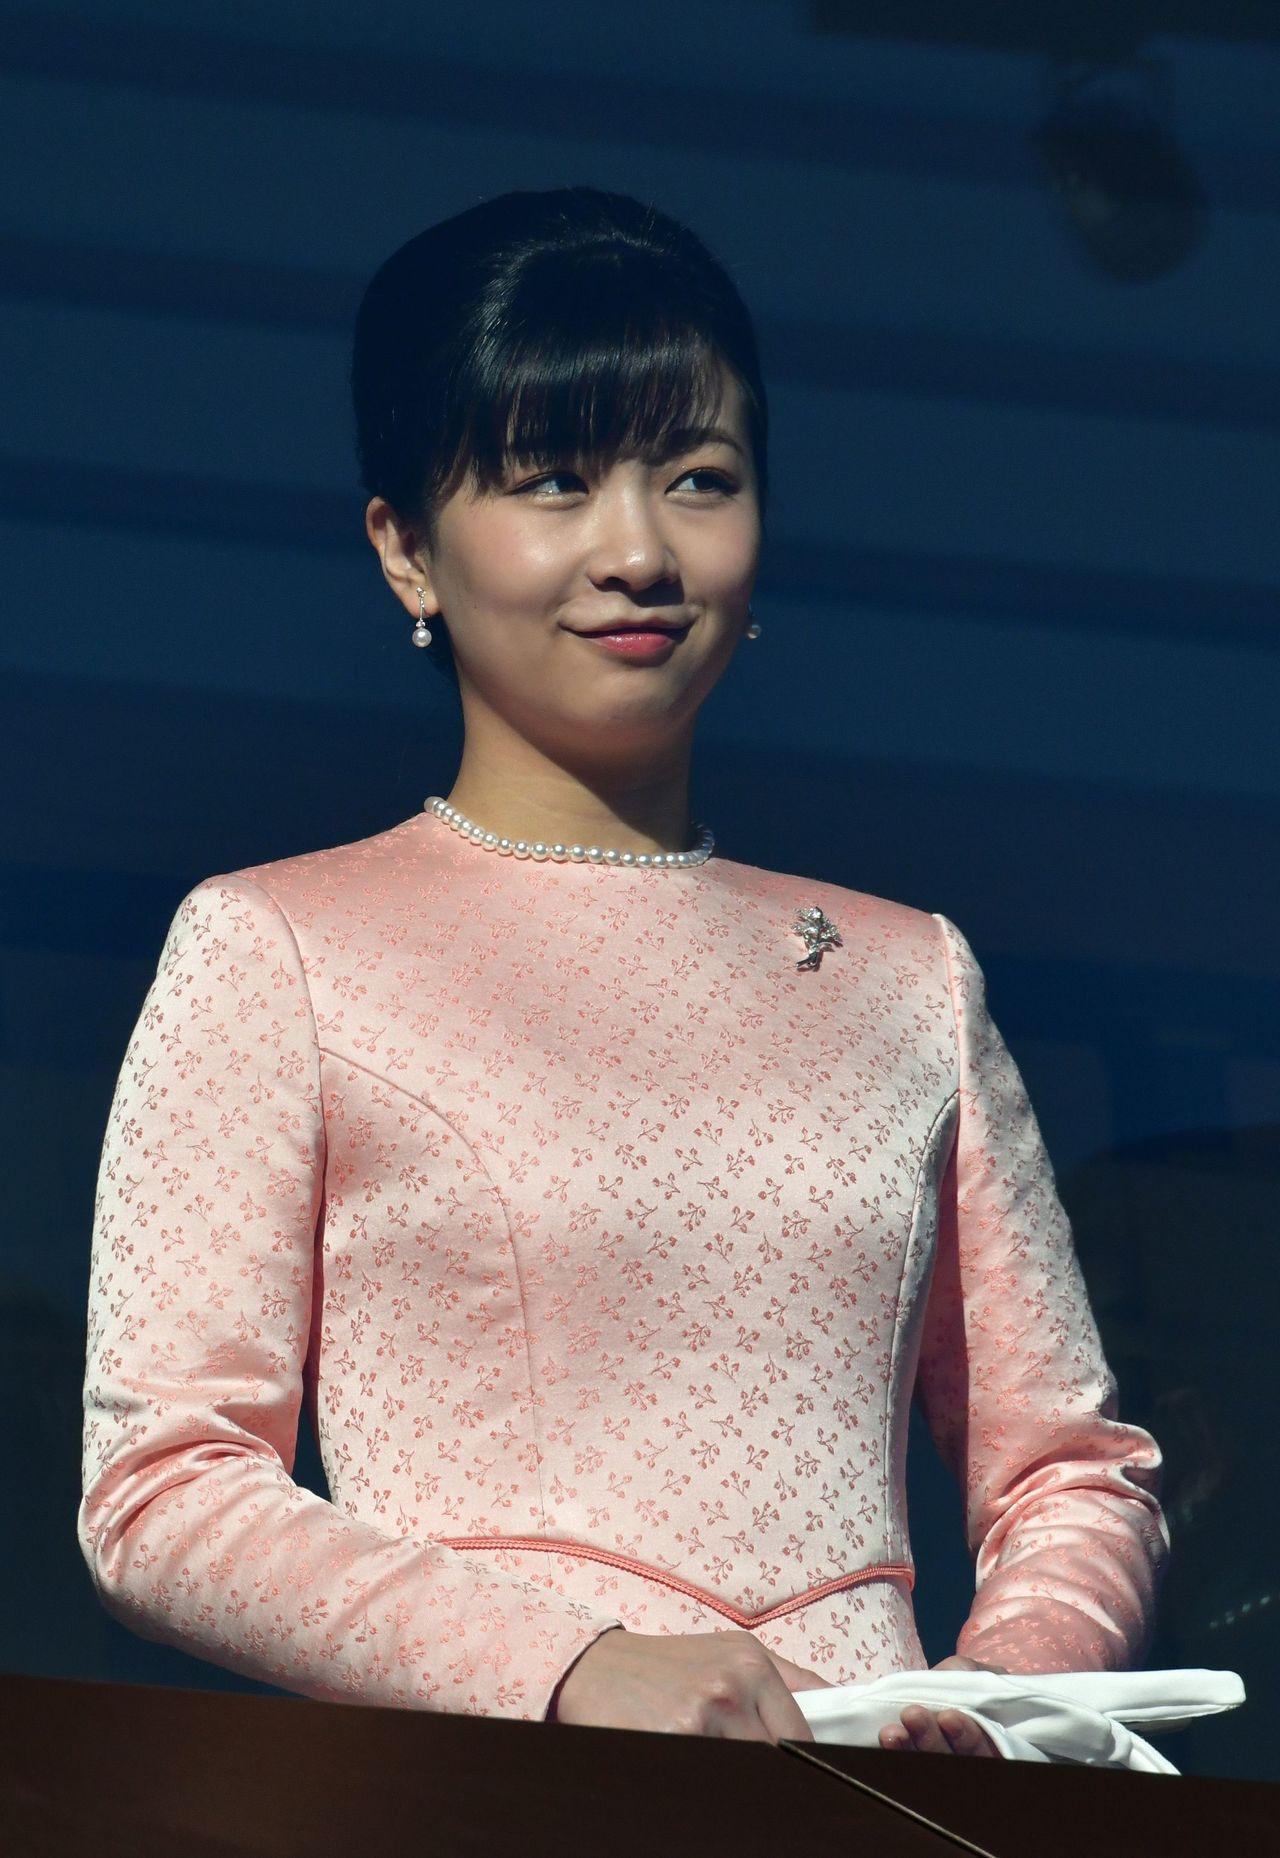 24歲的日本皇室秋篠宮夫婦的小女兒佳子內親王。 法新社